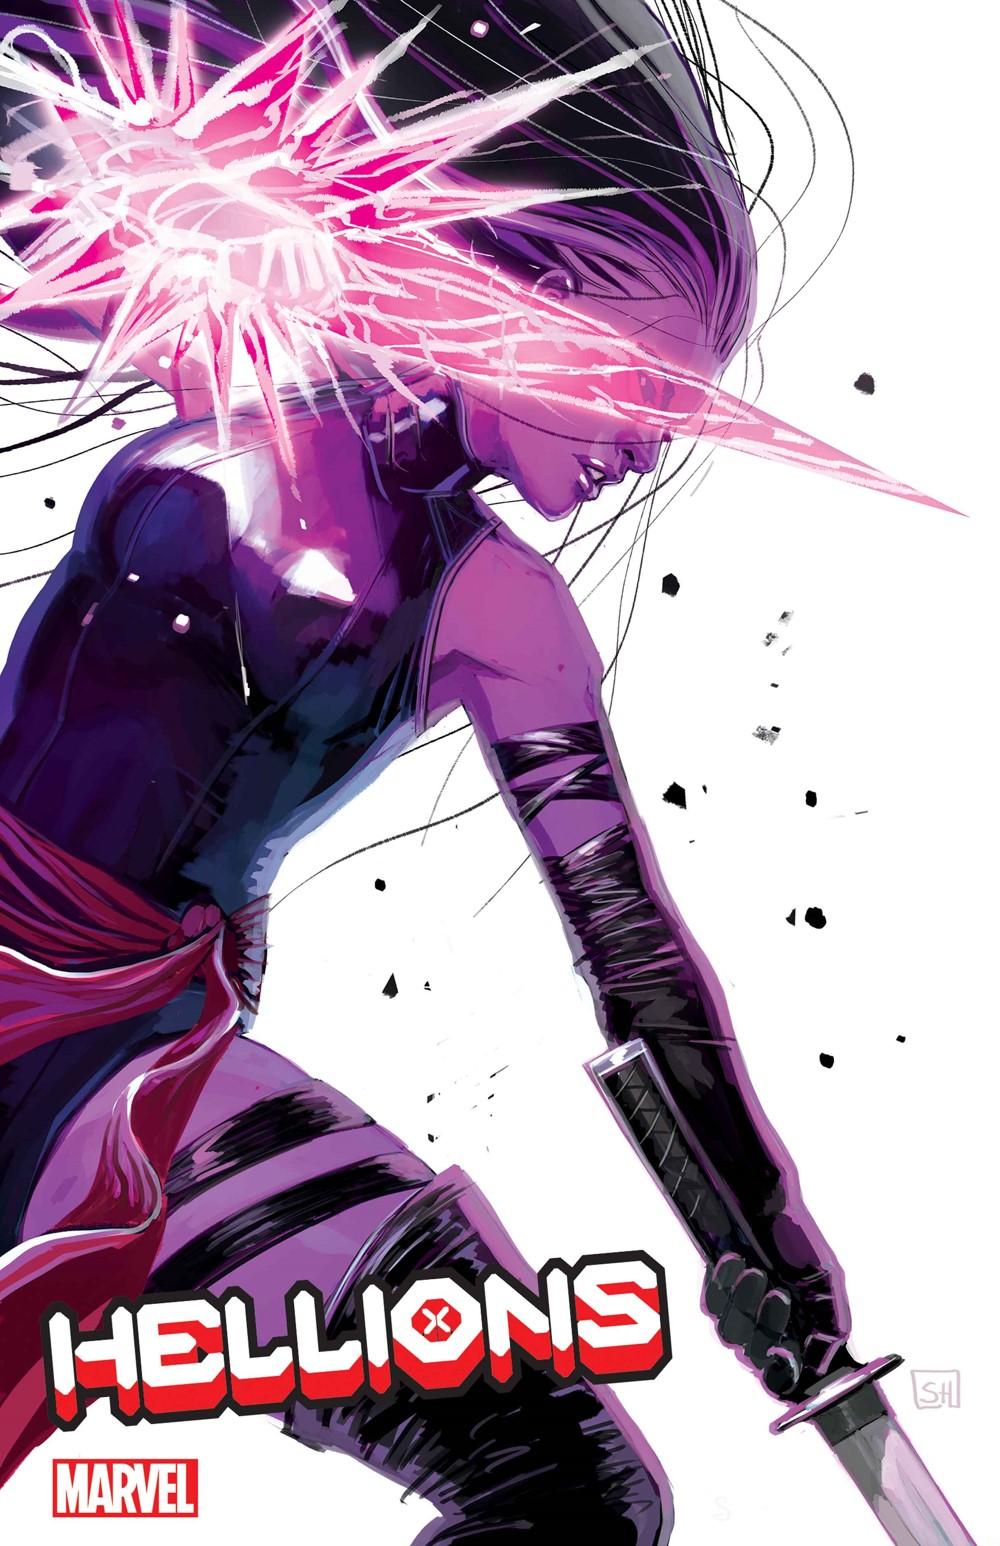 HELLIONS2020015_Hans-Variant Marvel Comics September 2021 Solicitations